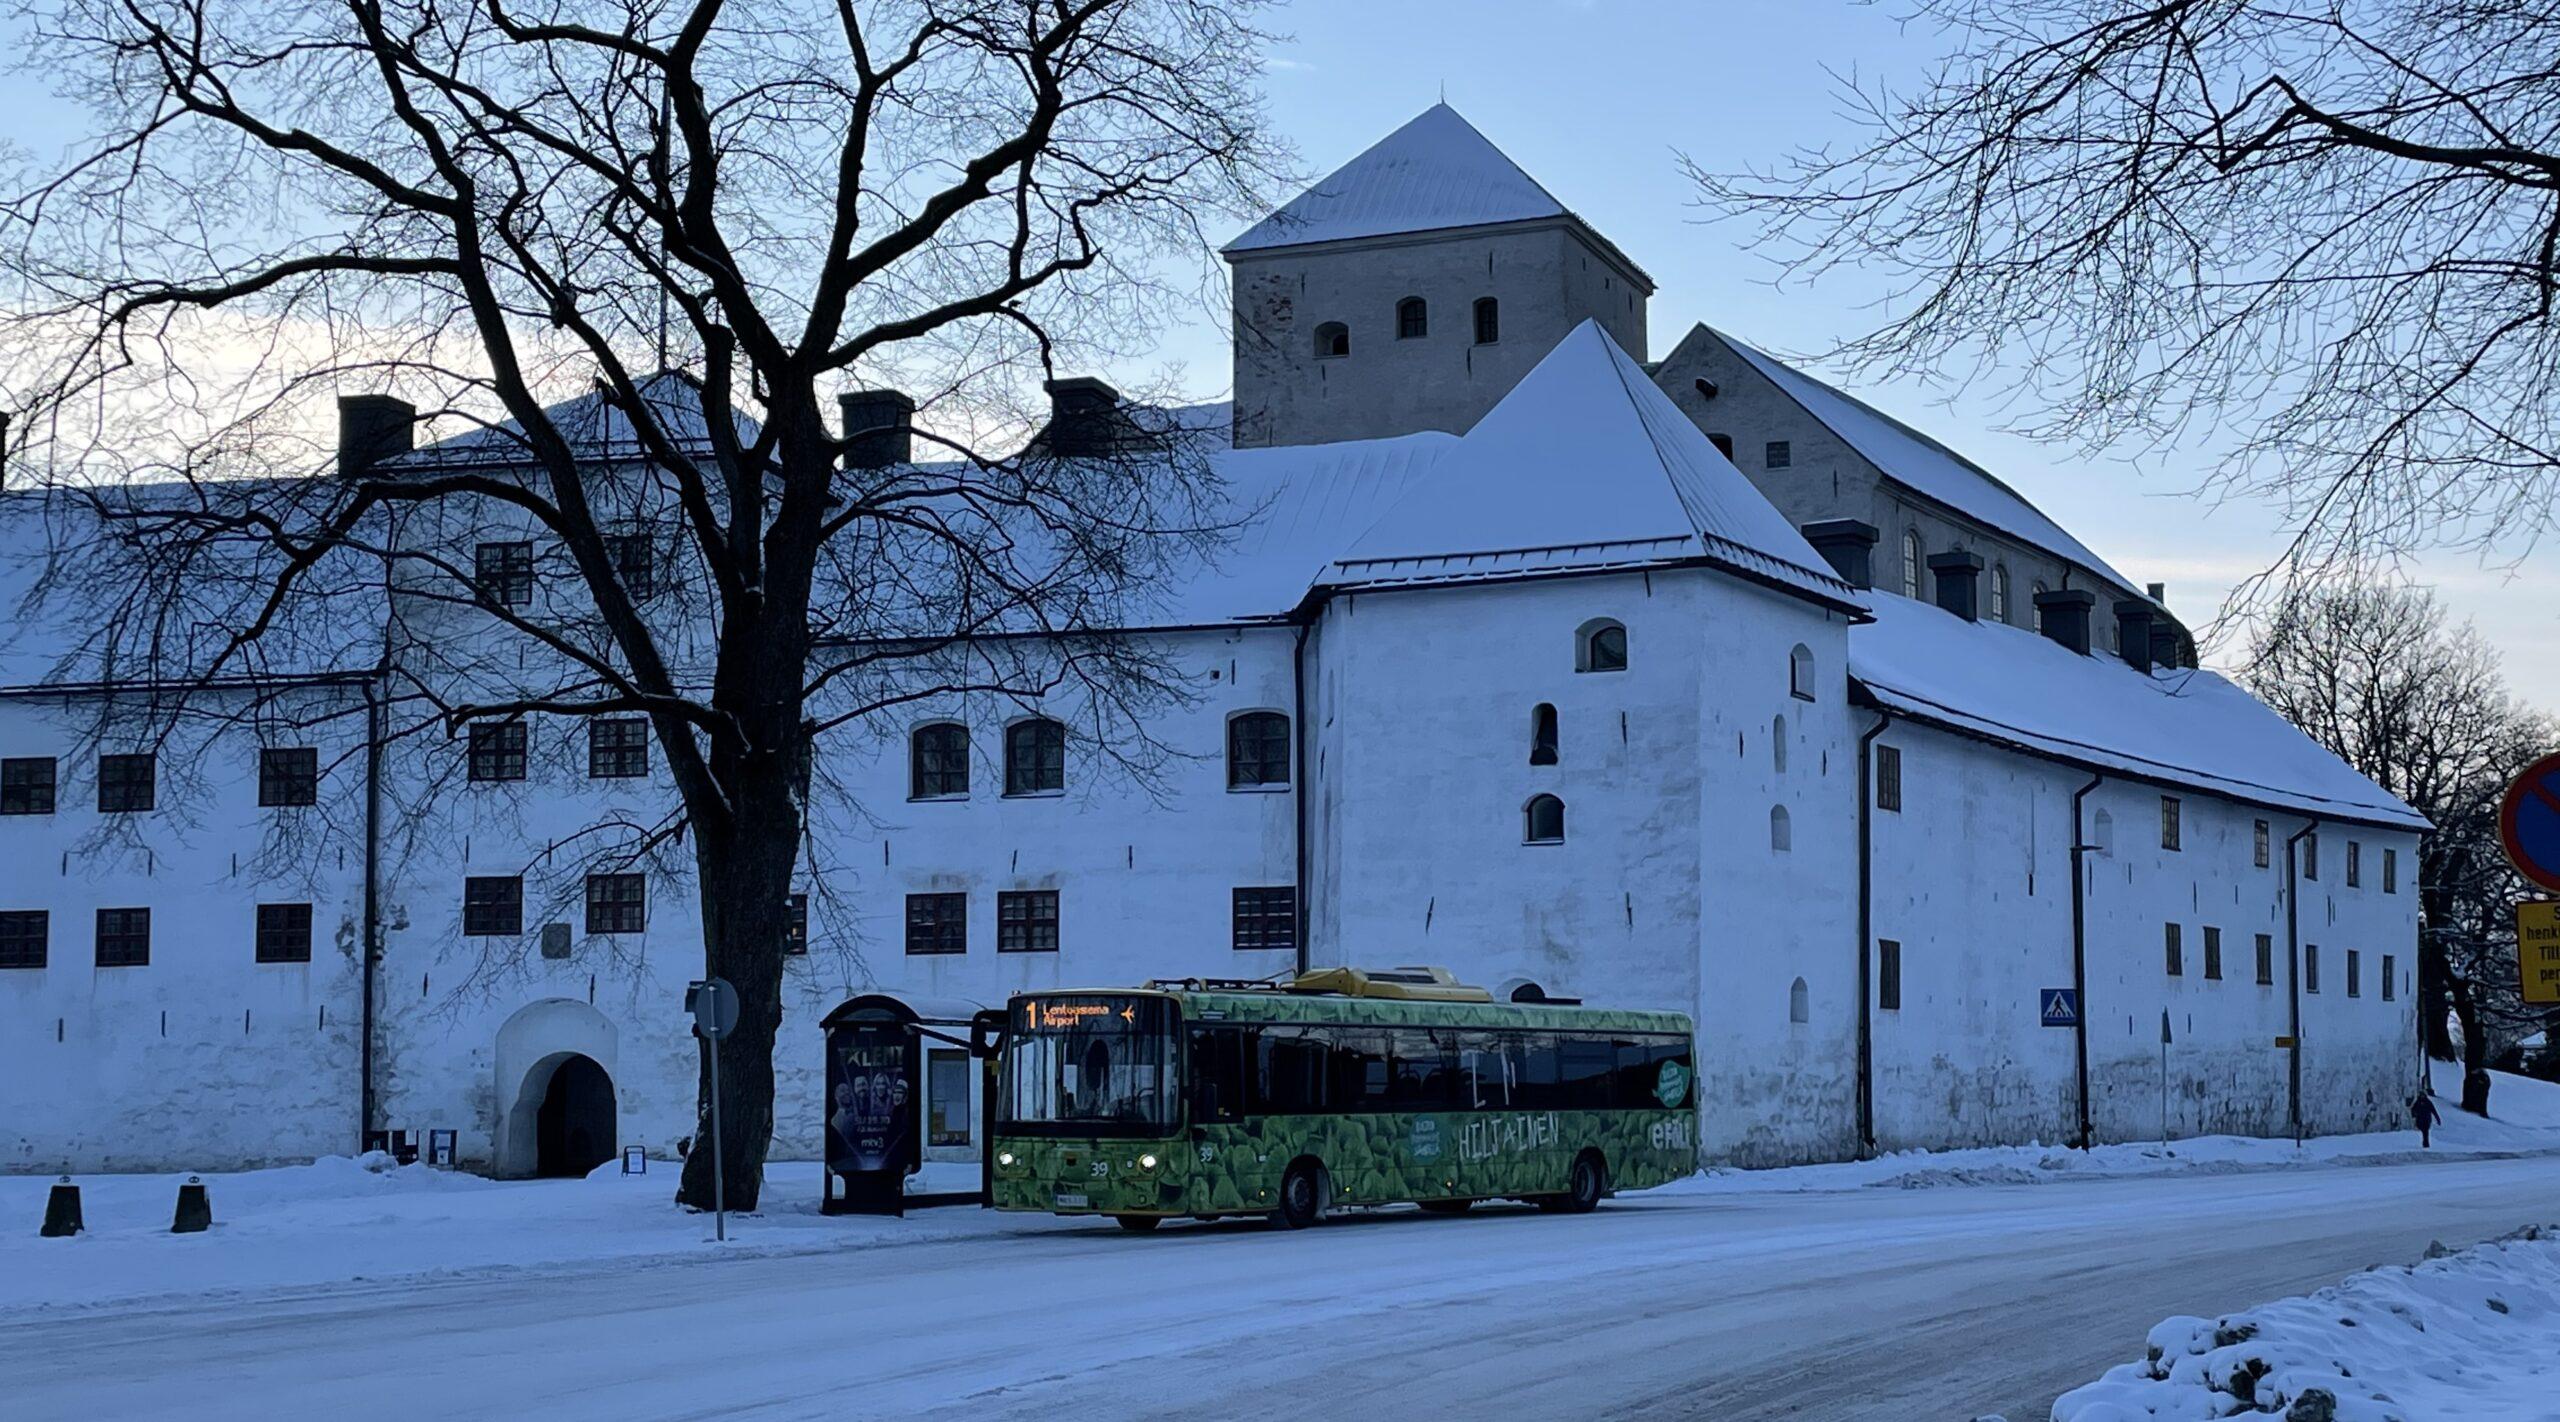 Kuvassa Turun Kaupunkiliikenteen sähköbussi talvisissa maisemissa Turussa.